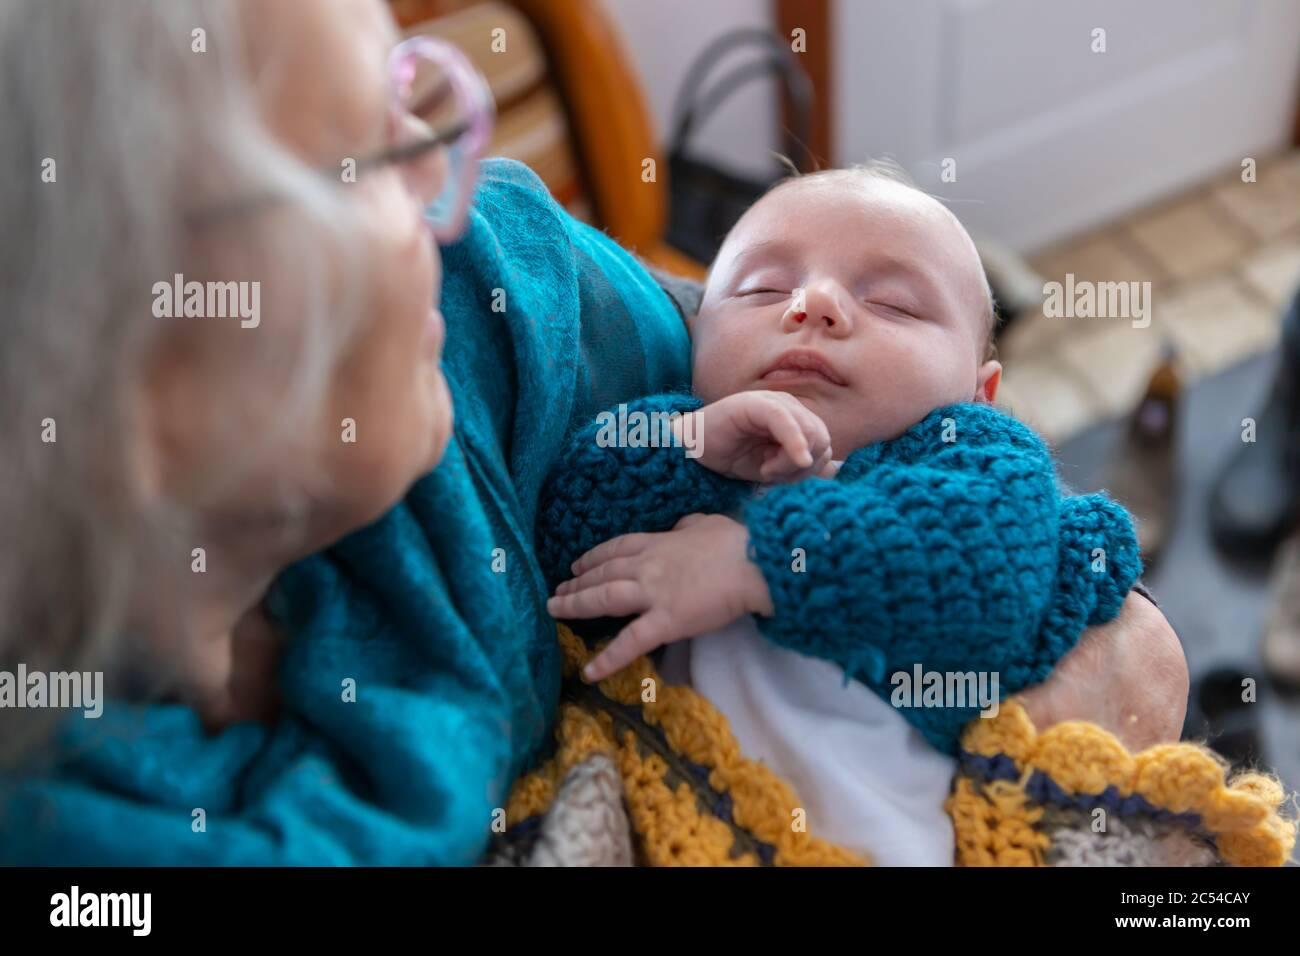 Selektive Fokusaufnahme eines kleinen Jungen, der in den Armen seiner Großmutter schläft. Aus der Fokussierung oben links schaut der stolze Senior auf das Kind Stockfoto